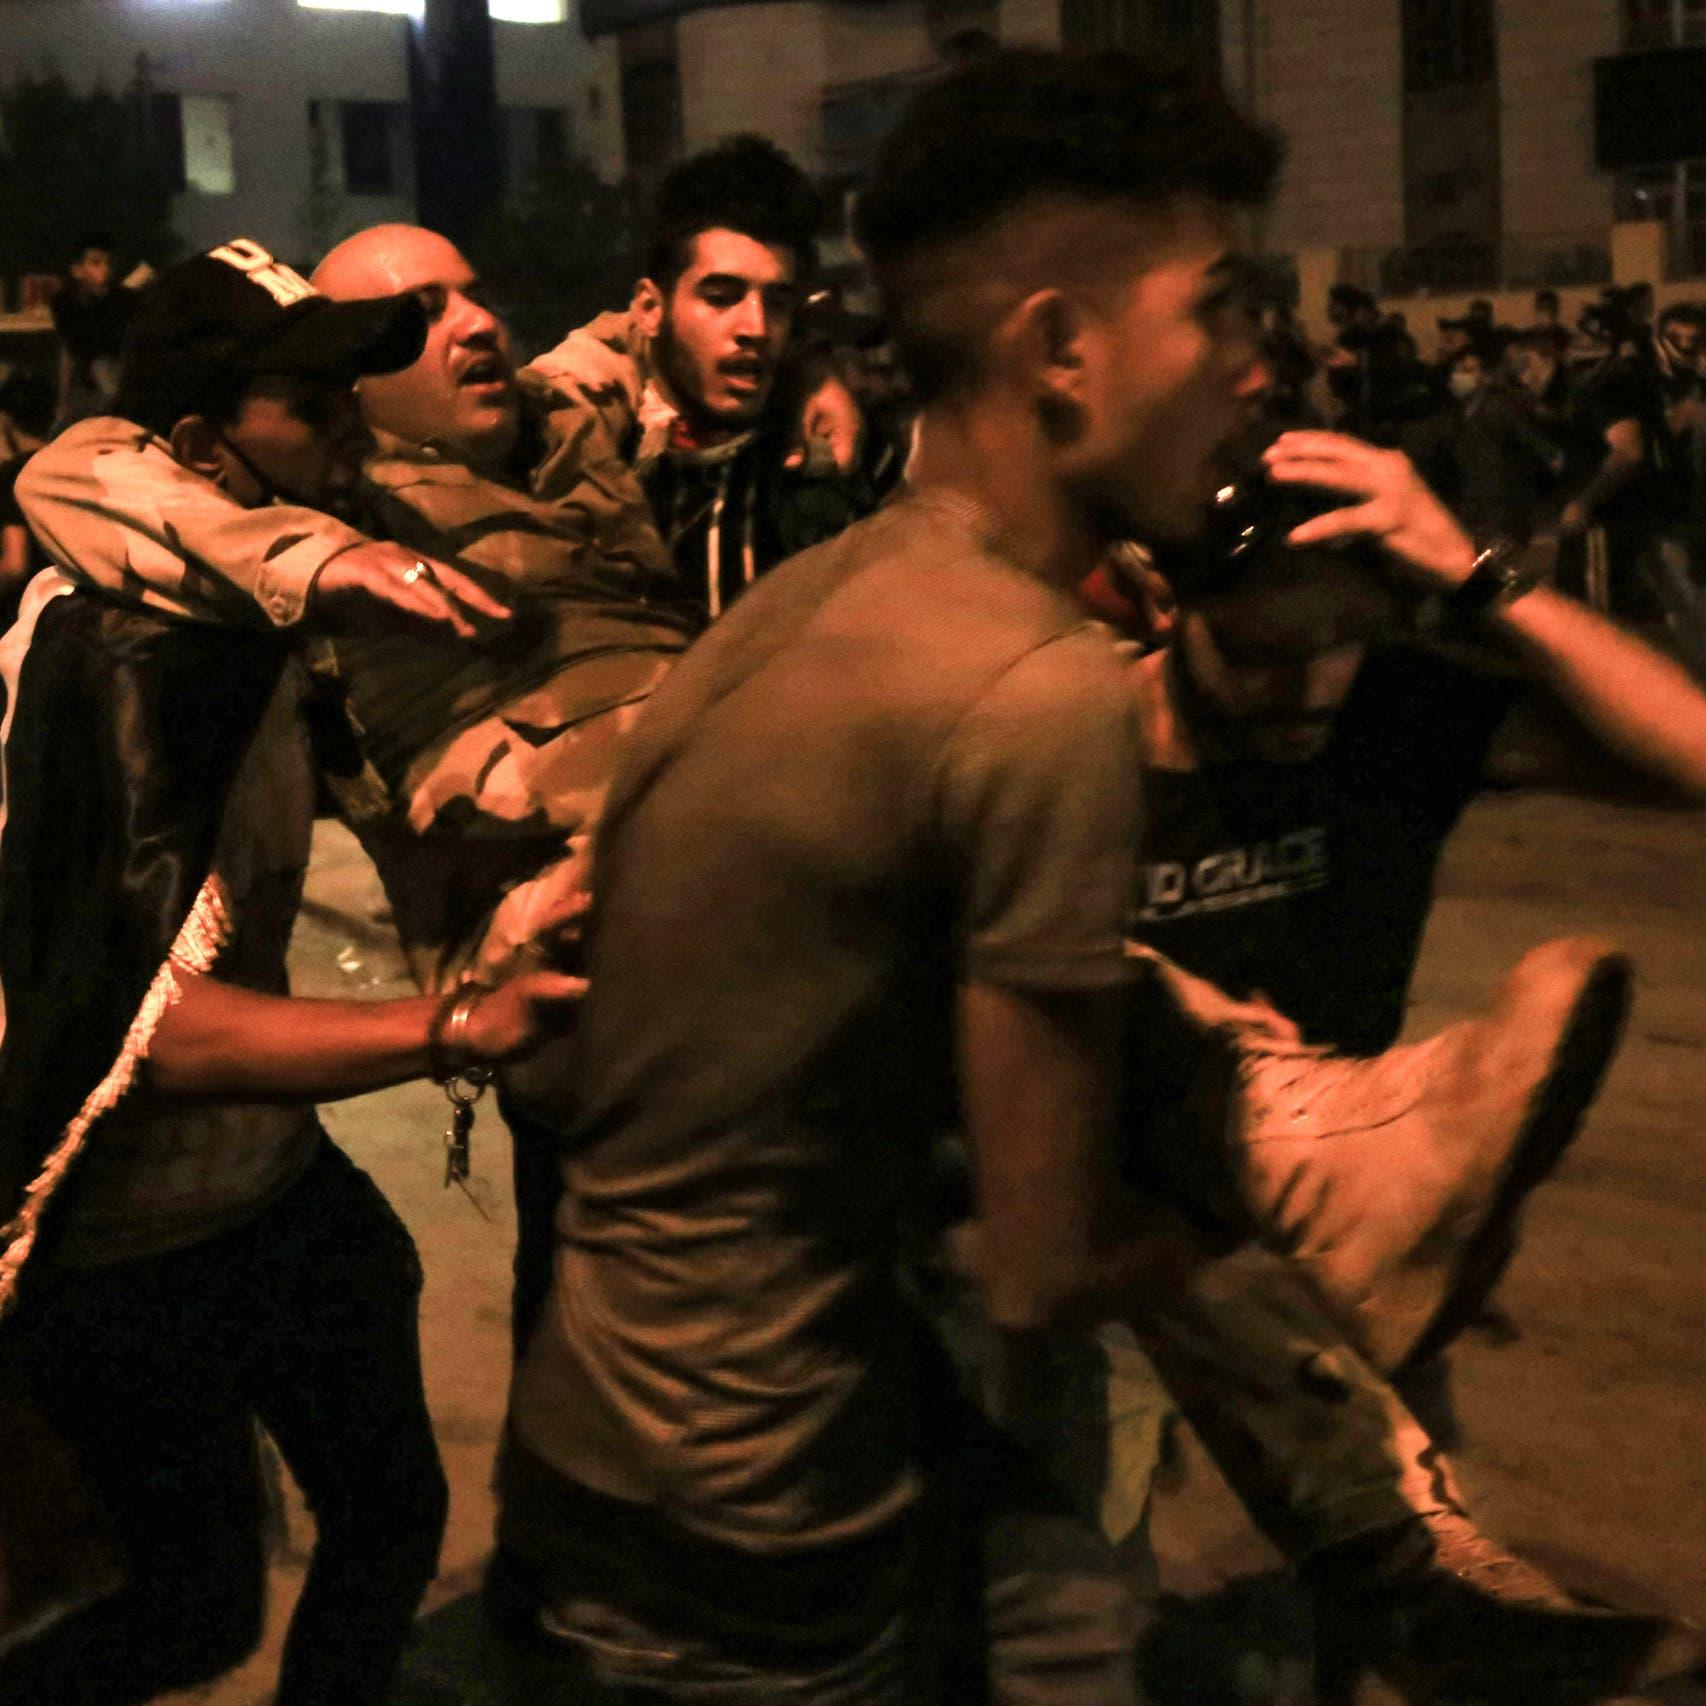 محافظ كربلاء: الفيديوهات التي انتشرت مفبركة